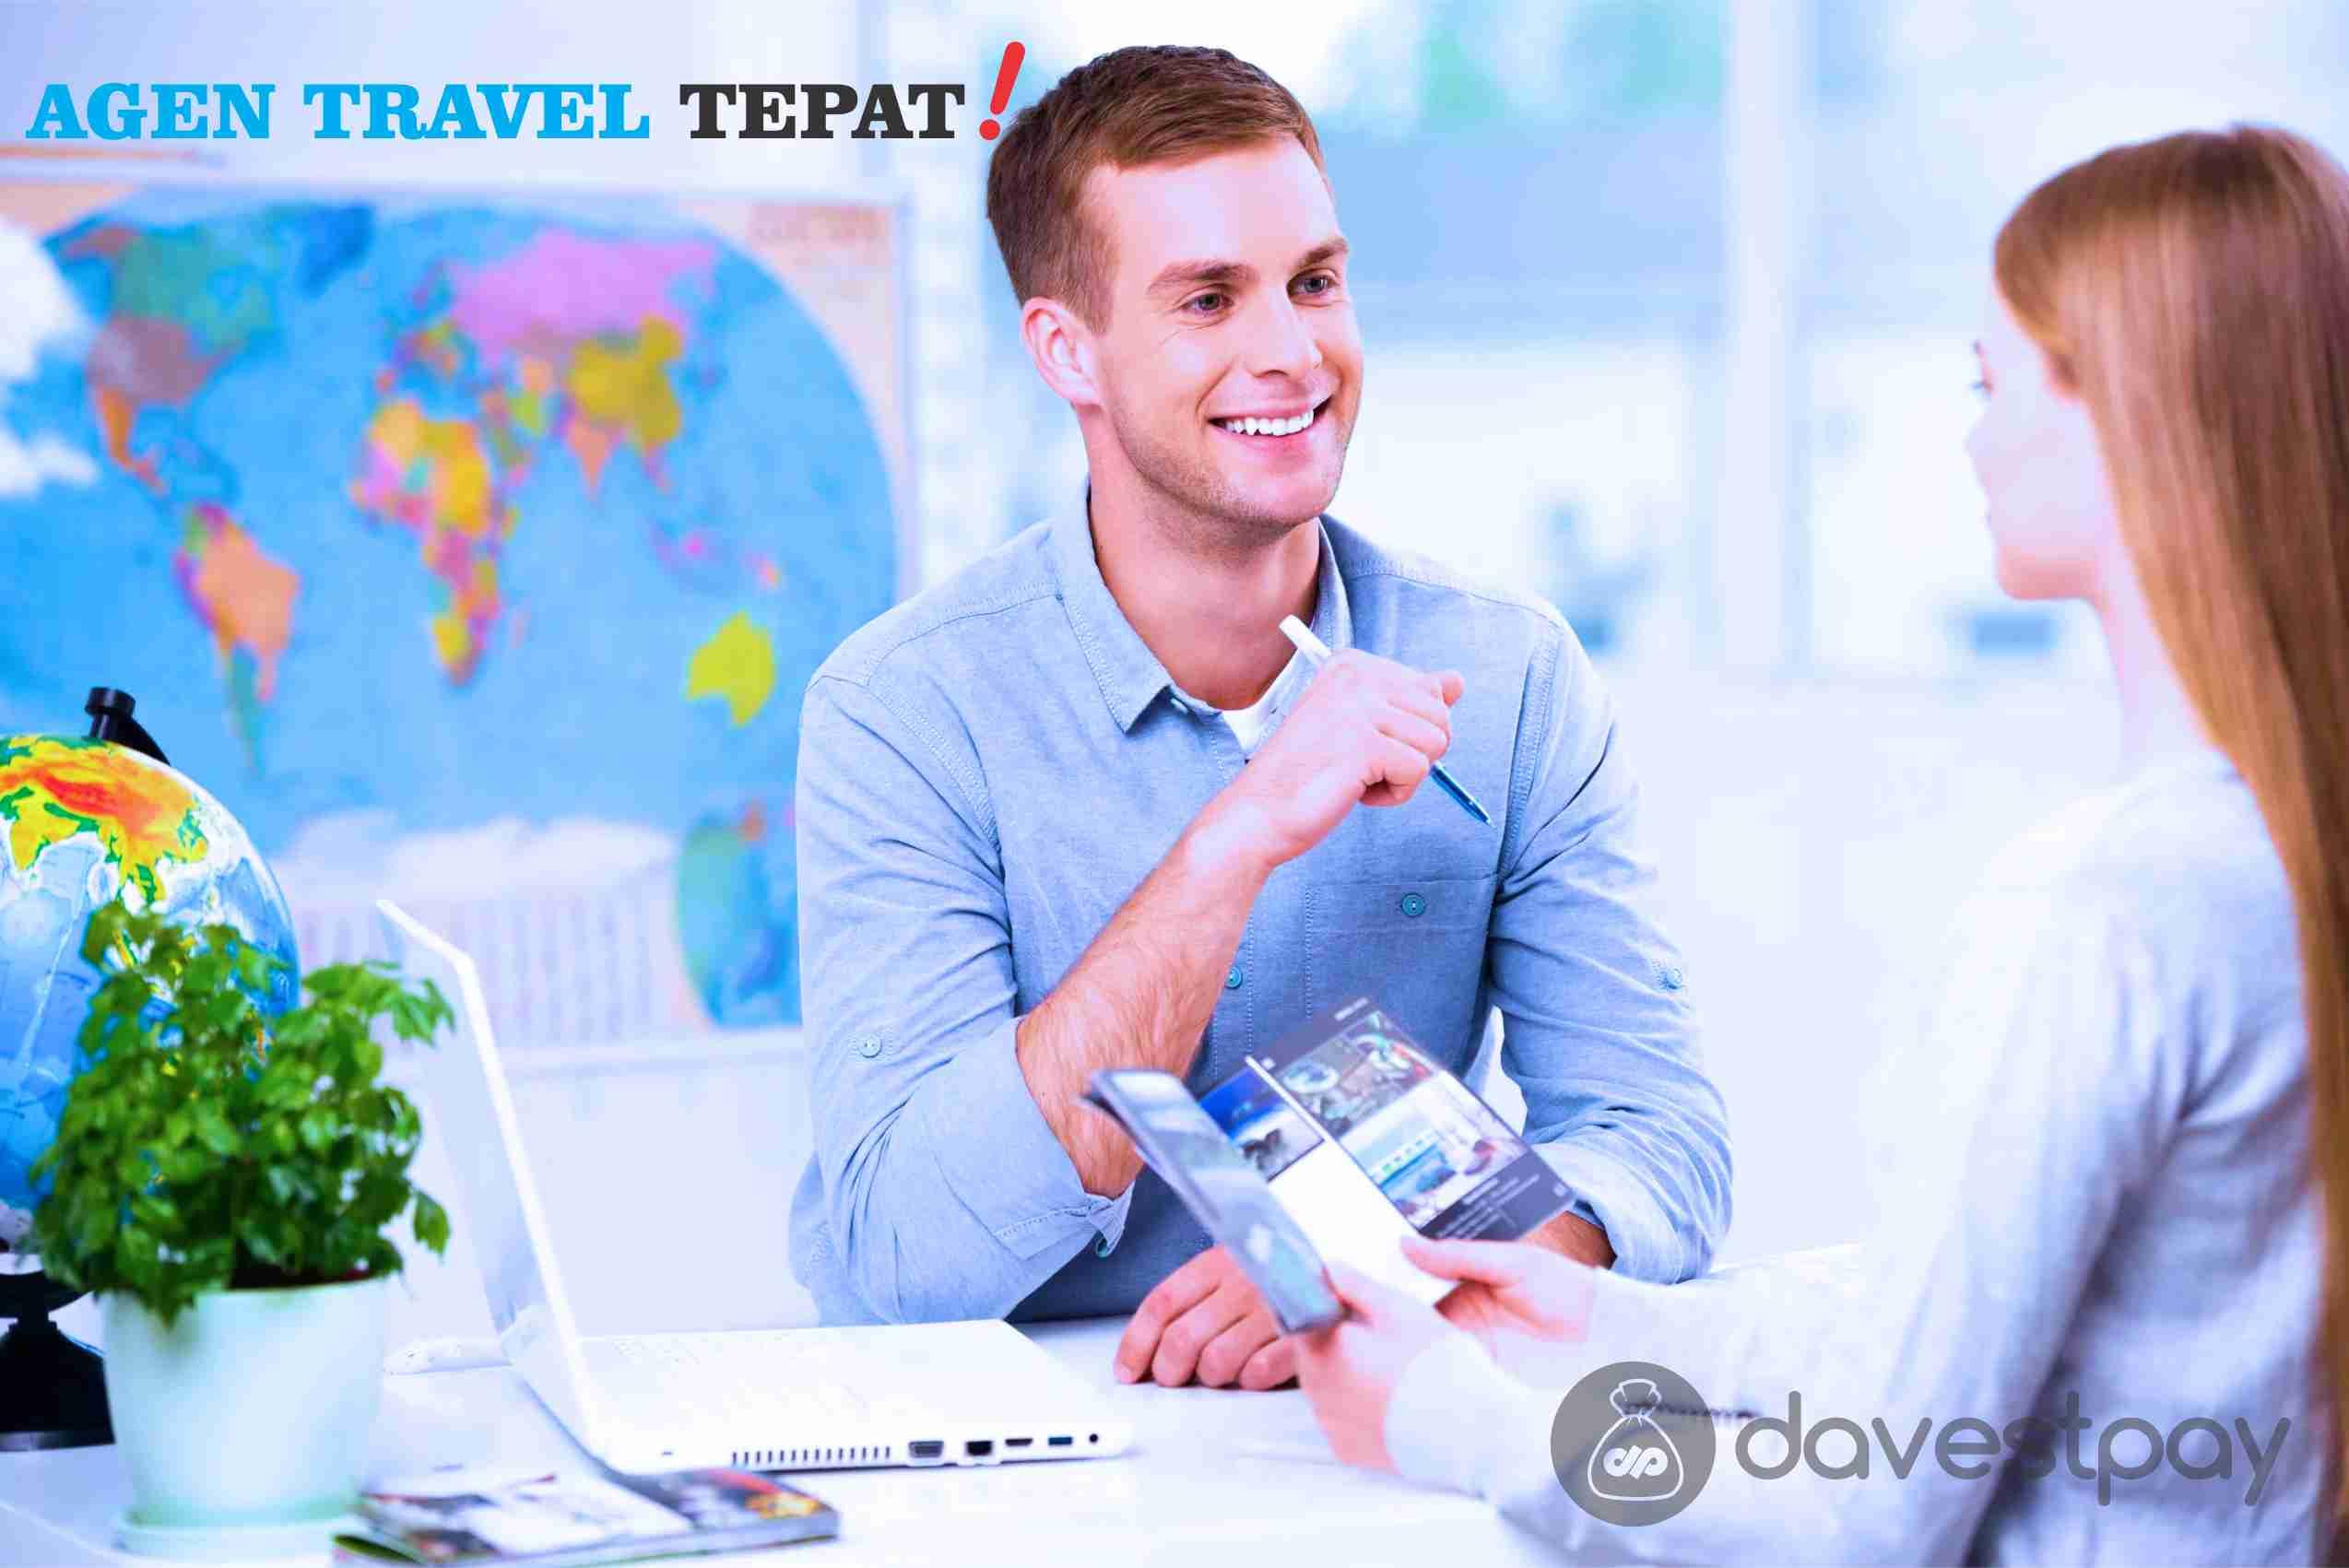 Pilih Agen Travel Tepat untuk Liburan